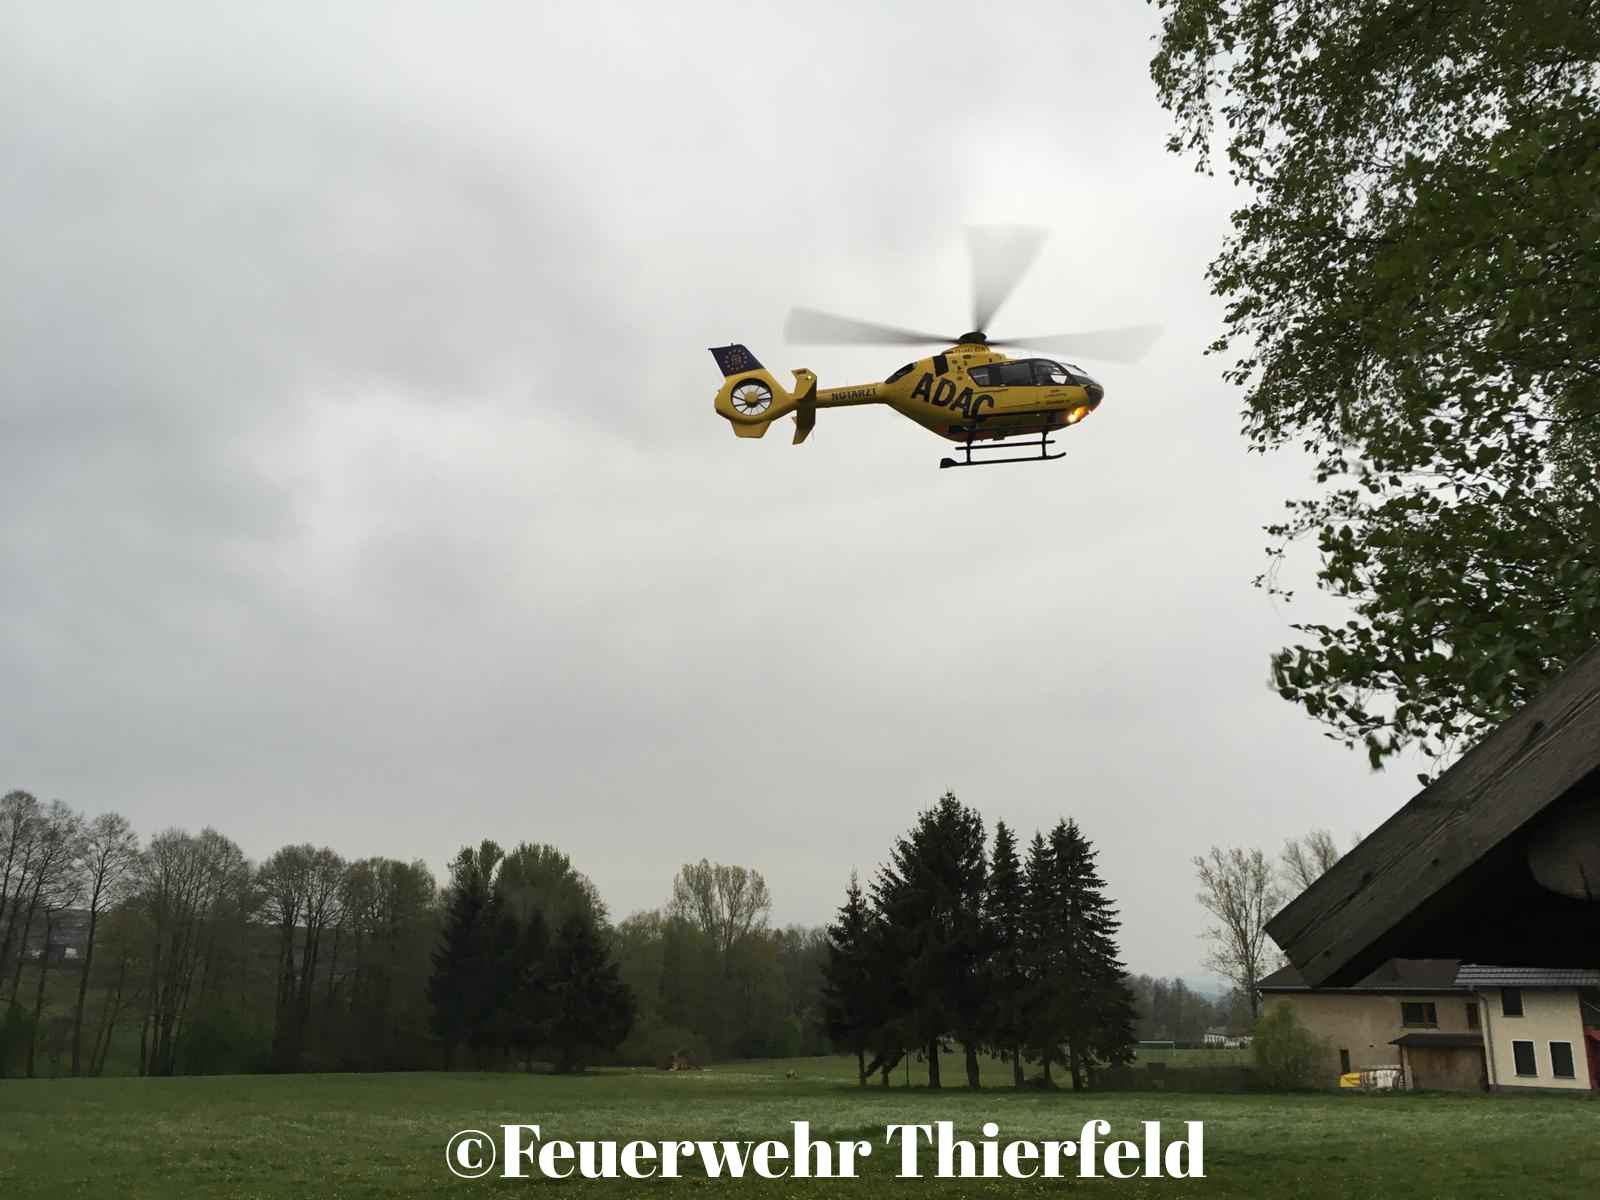 Einsatz 14: TMR1 -Unterstützung Rettungsdienst durch Tragehilfe